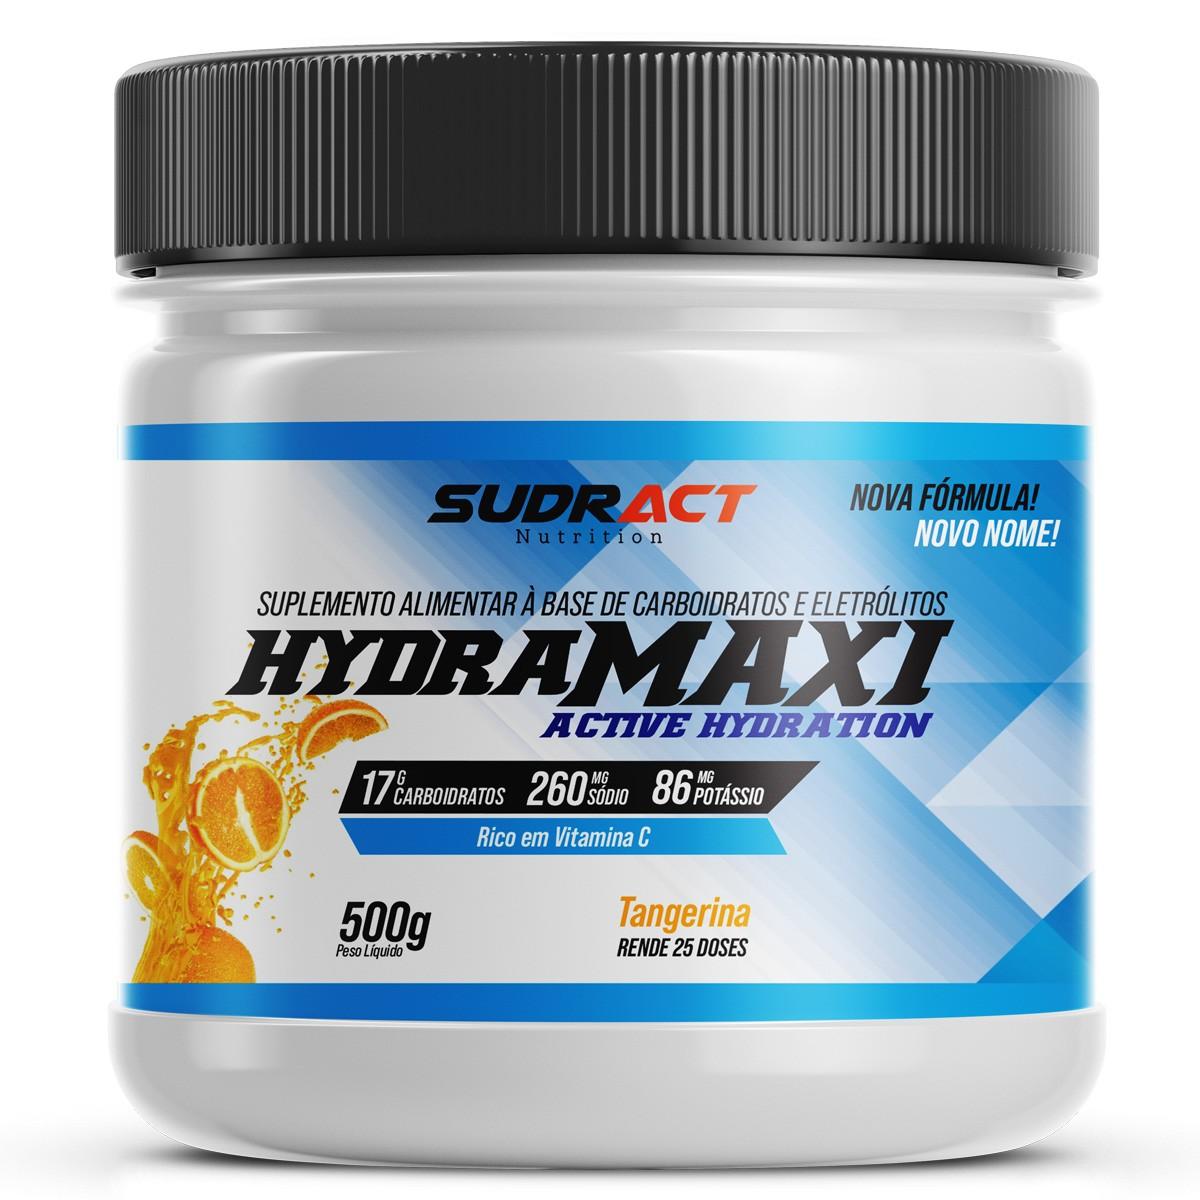 Isotônico em Pó Hydramaxi 500g - Sudract Nutrition